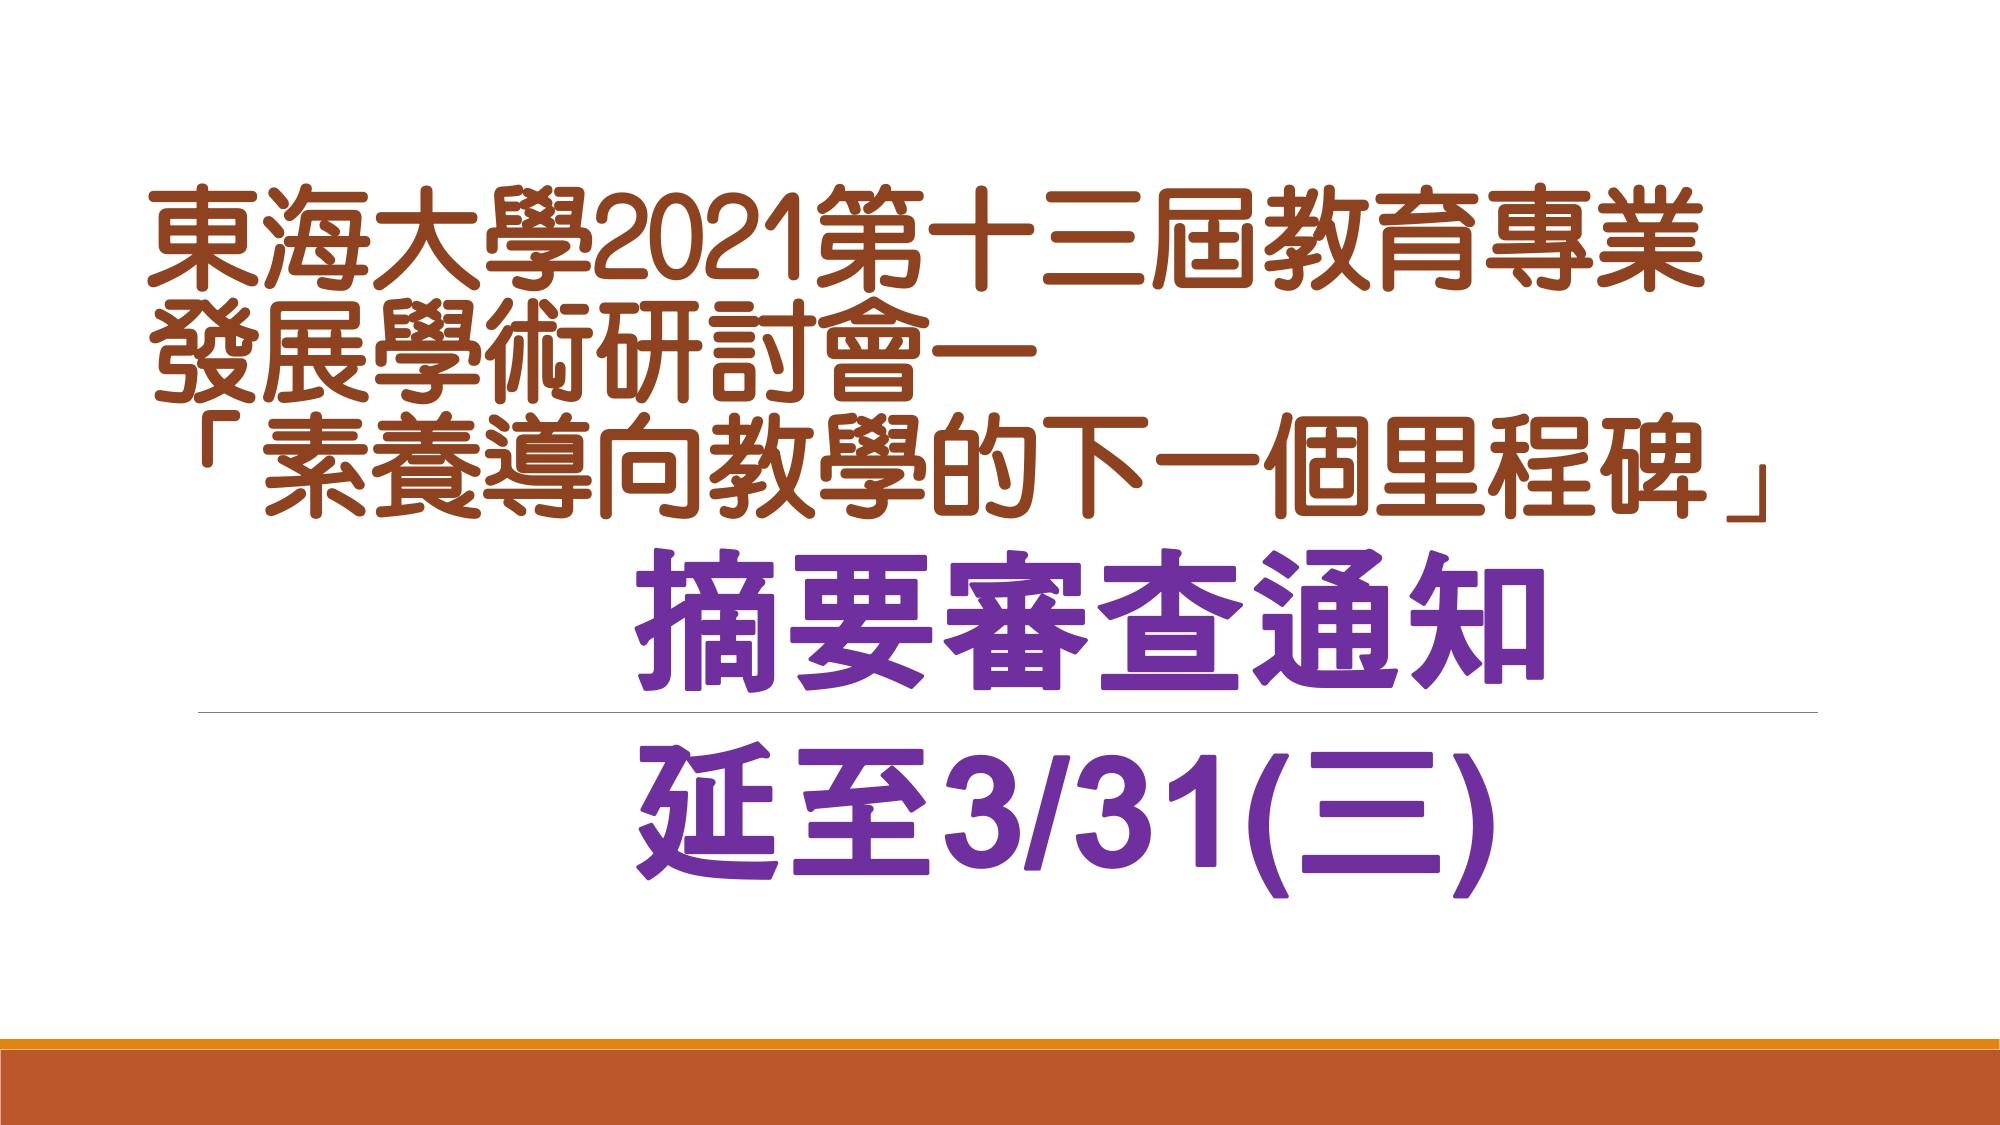 東海大學2021第十三屆教育專業發展學術研討會—  「素養導向教學的下一個里程碑」